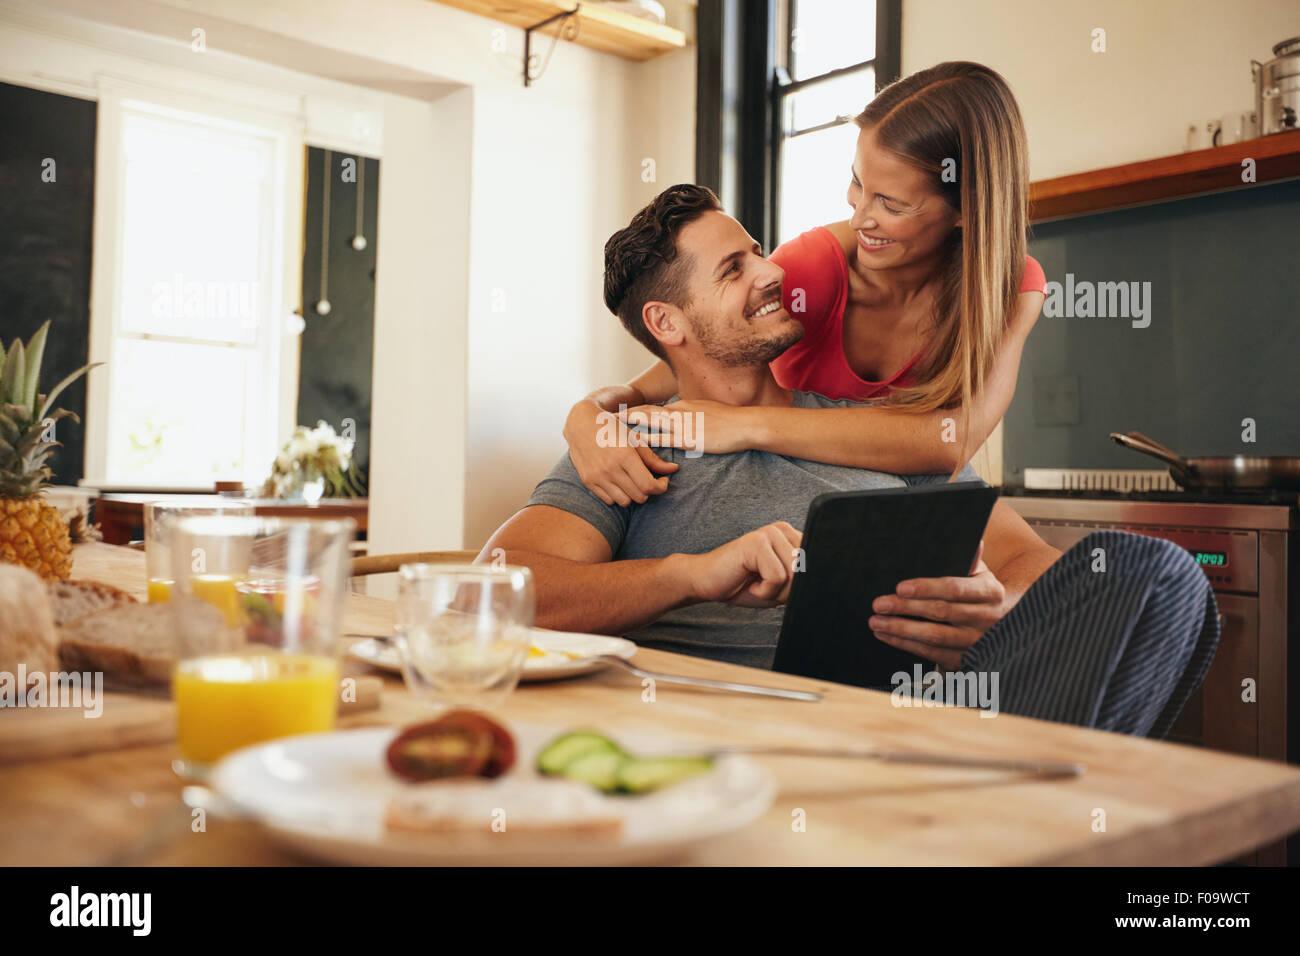 Schuss des Liebens junges Paar in der Küche mit Frühstückstisch Morgen. Mann mit digitalen Tisch, Stockbild